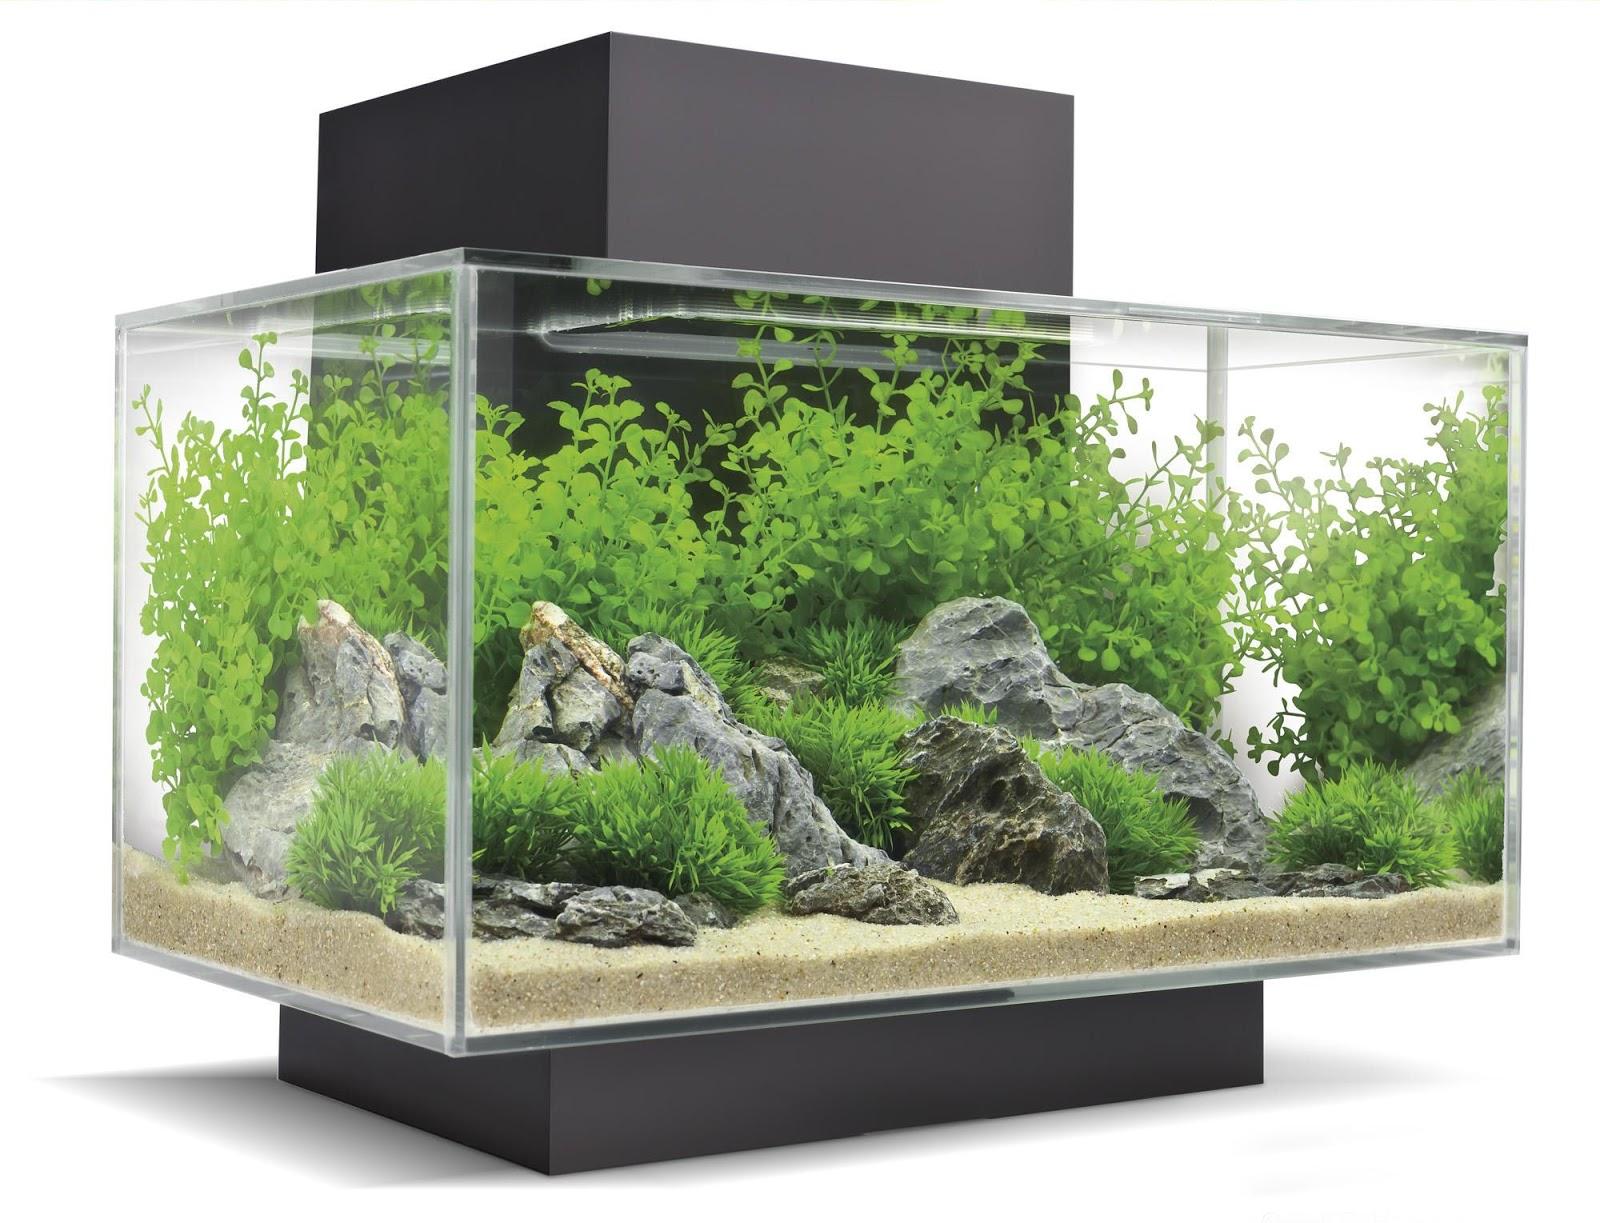 Roj fashion lifestyle the living lamp biorb flow for Aquarium edge